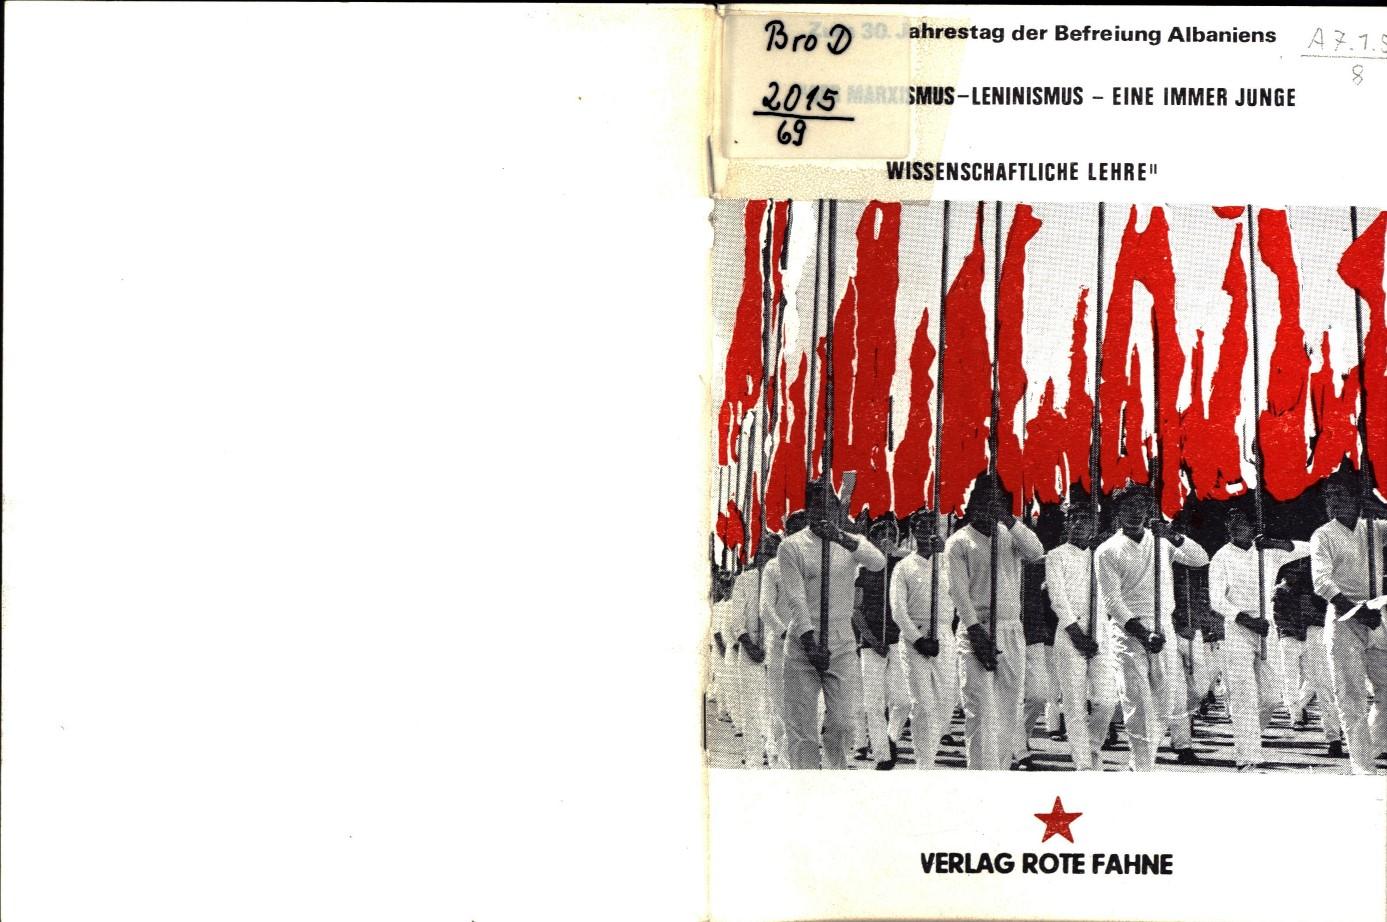 KPDAO_1974_30_Jahre_Befreiung_Albaniens_01